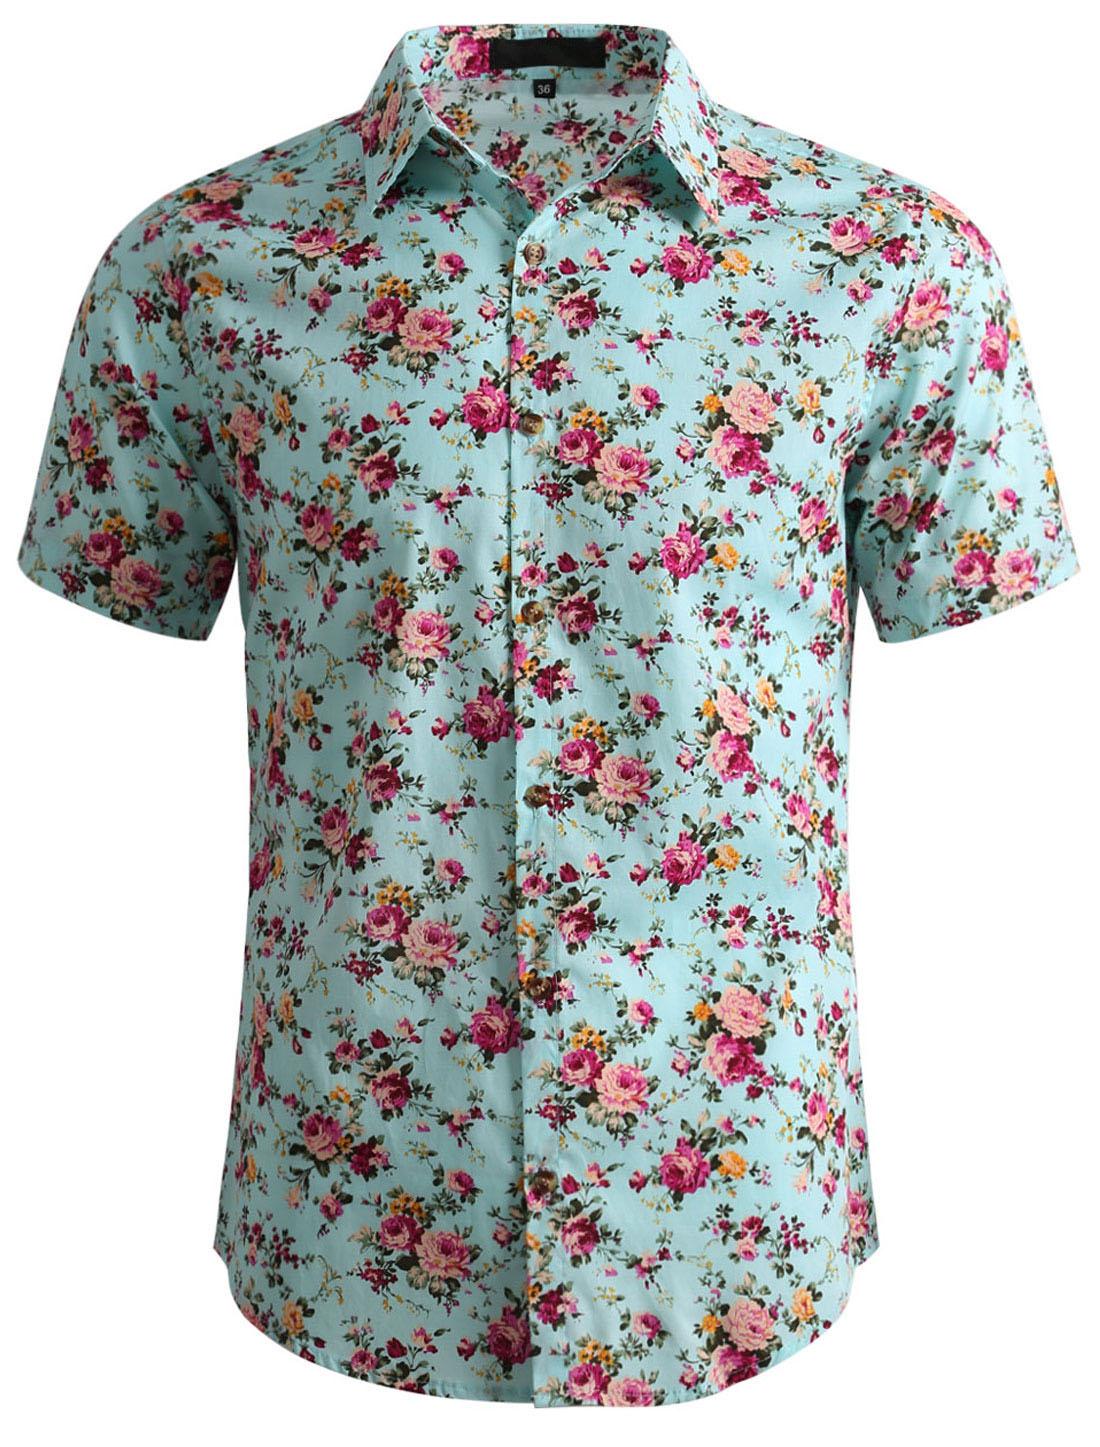 Men Floral Print Short Sleeve Button Front Cotton Hawaiian Shirt Mint M